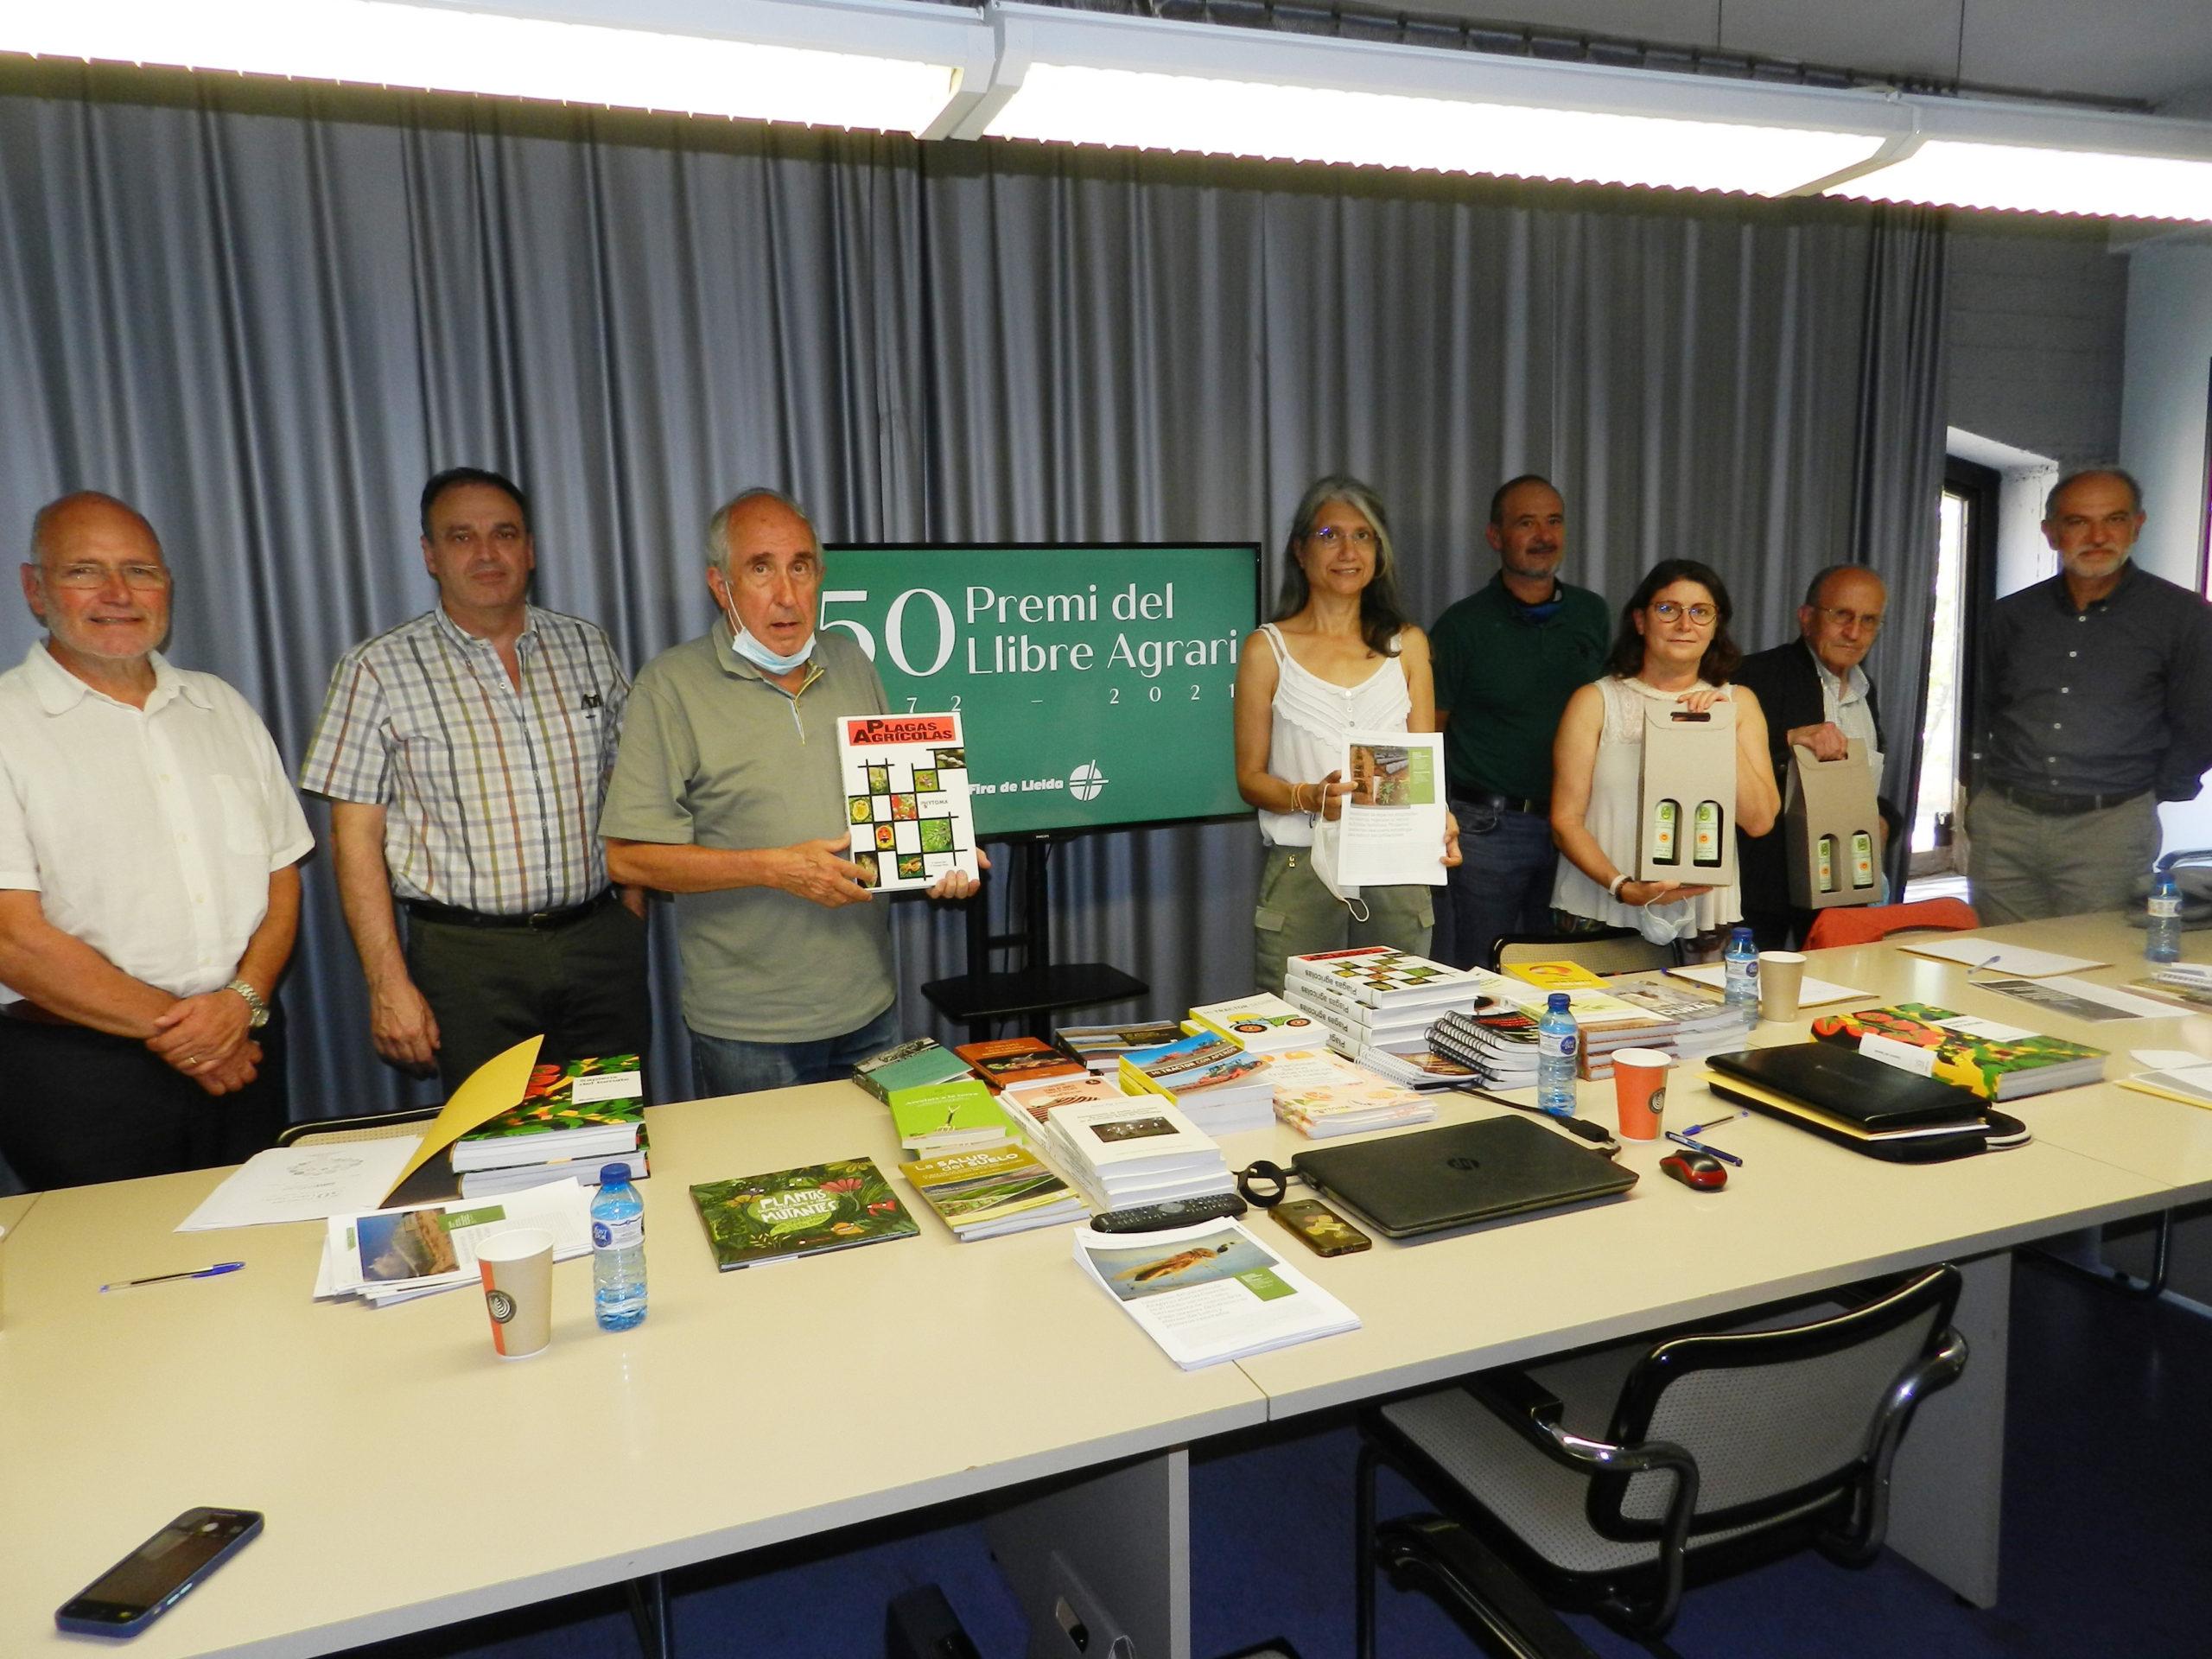 Dues obres sobre plagues agrícoles guanyen els premis del llibre i de l'article agraris  2021